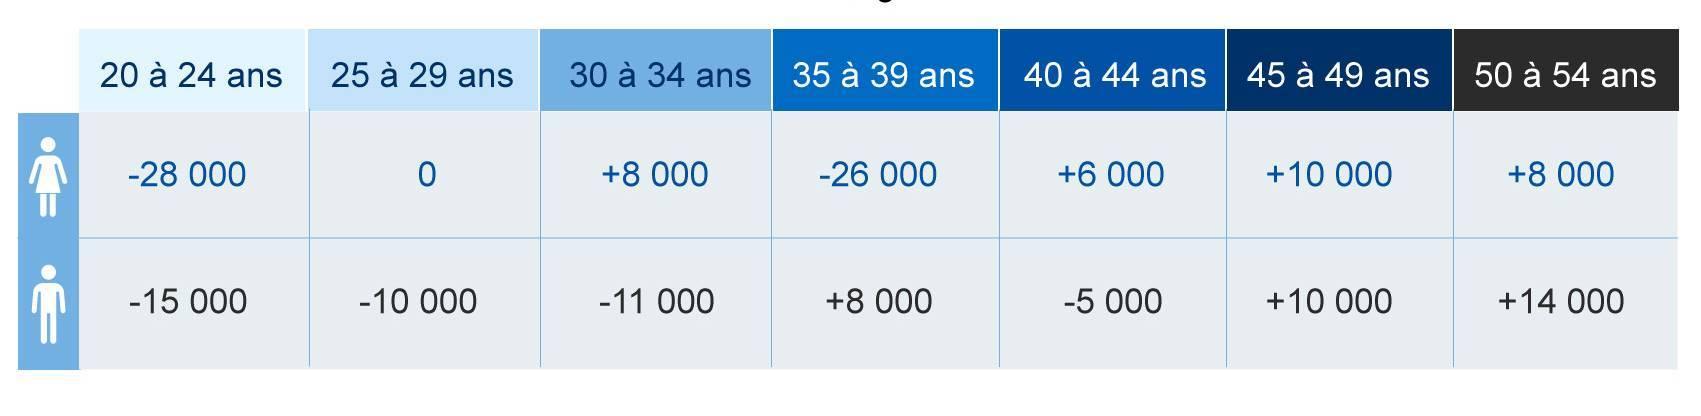 Variation de la taille de la population active au Canada depuis février, selon l'âge et le sexe (données désaisonnalisées)